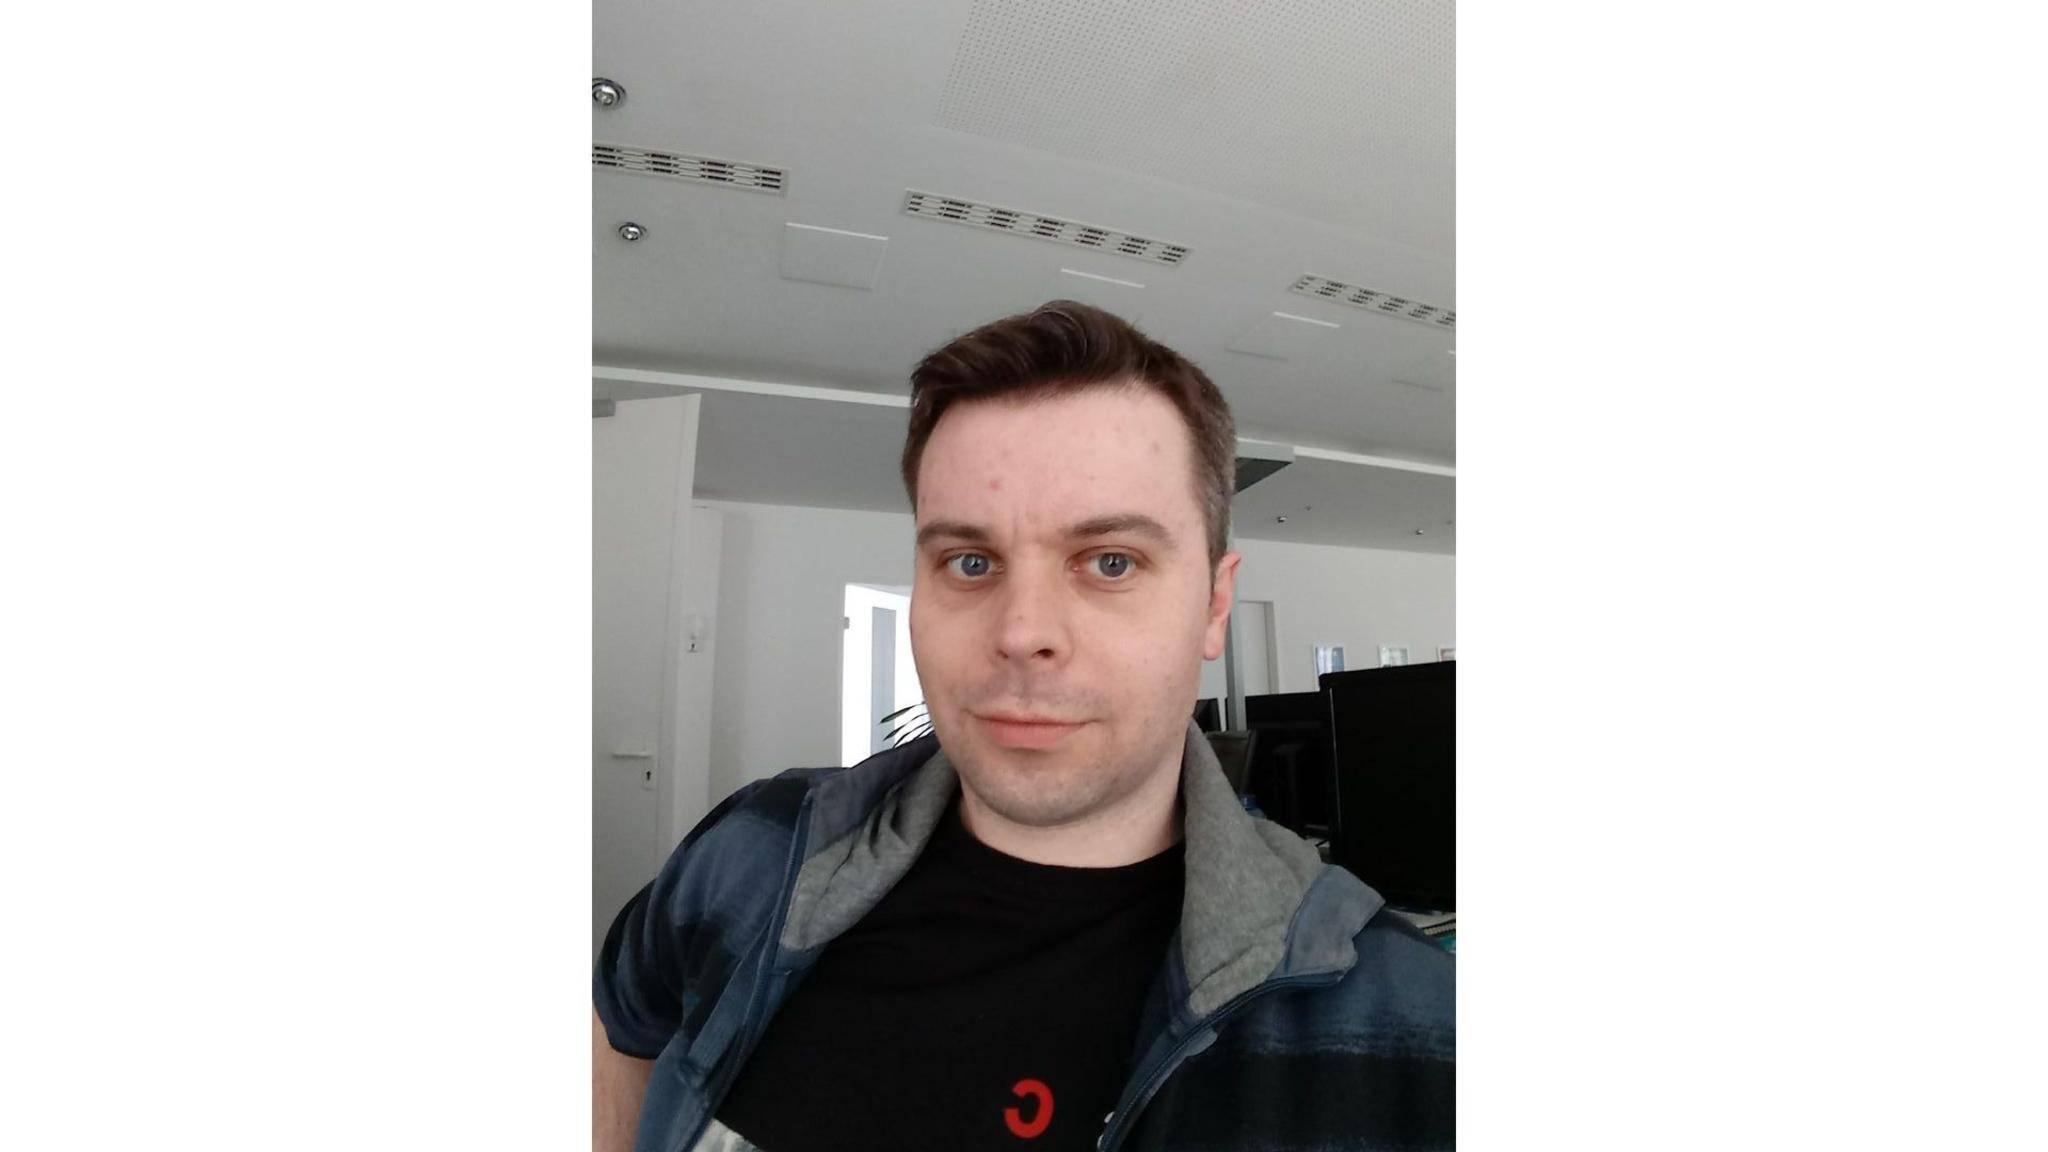 Die Selfie-Cam macht ordentliche Bilder...